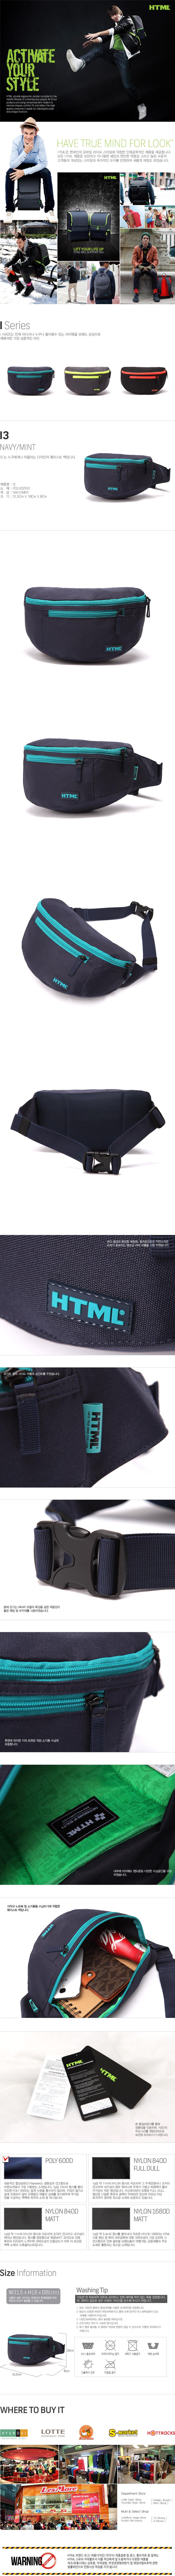 [에이치티엠엘]HTML- I3 Hip sack (NAVY/MINT)